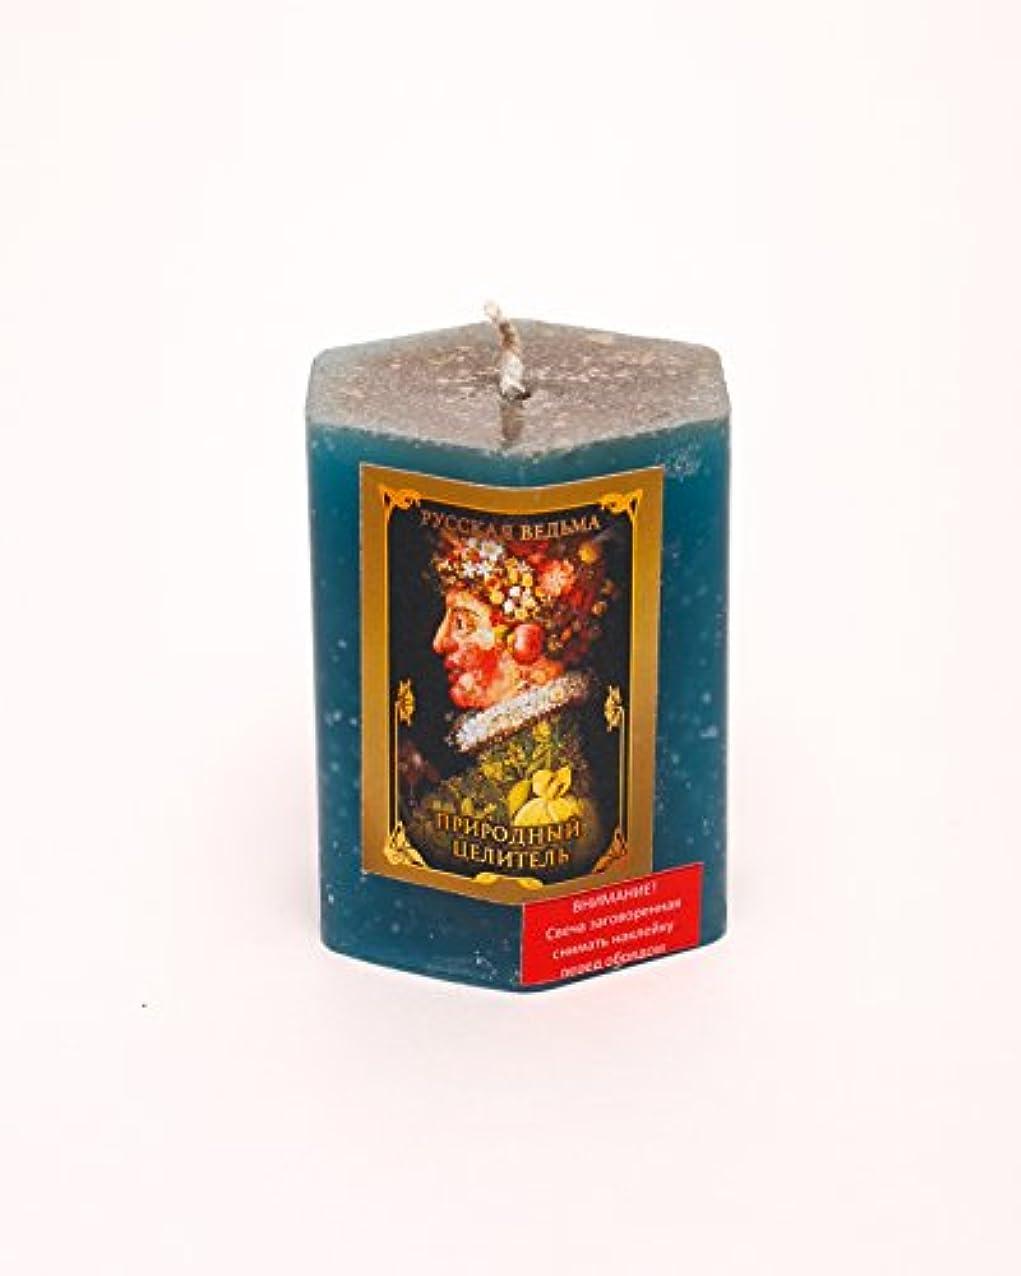 深く締める太鼓腹ナチュラルハーブHealer Candle Wicca Pagan